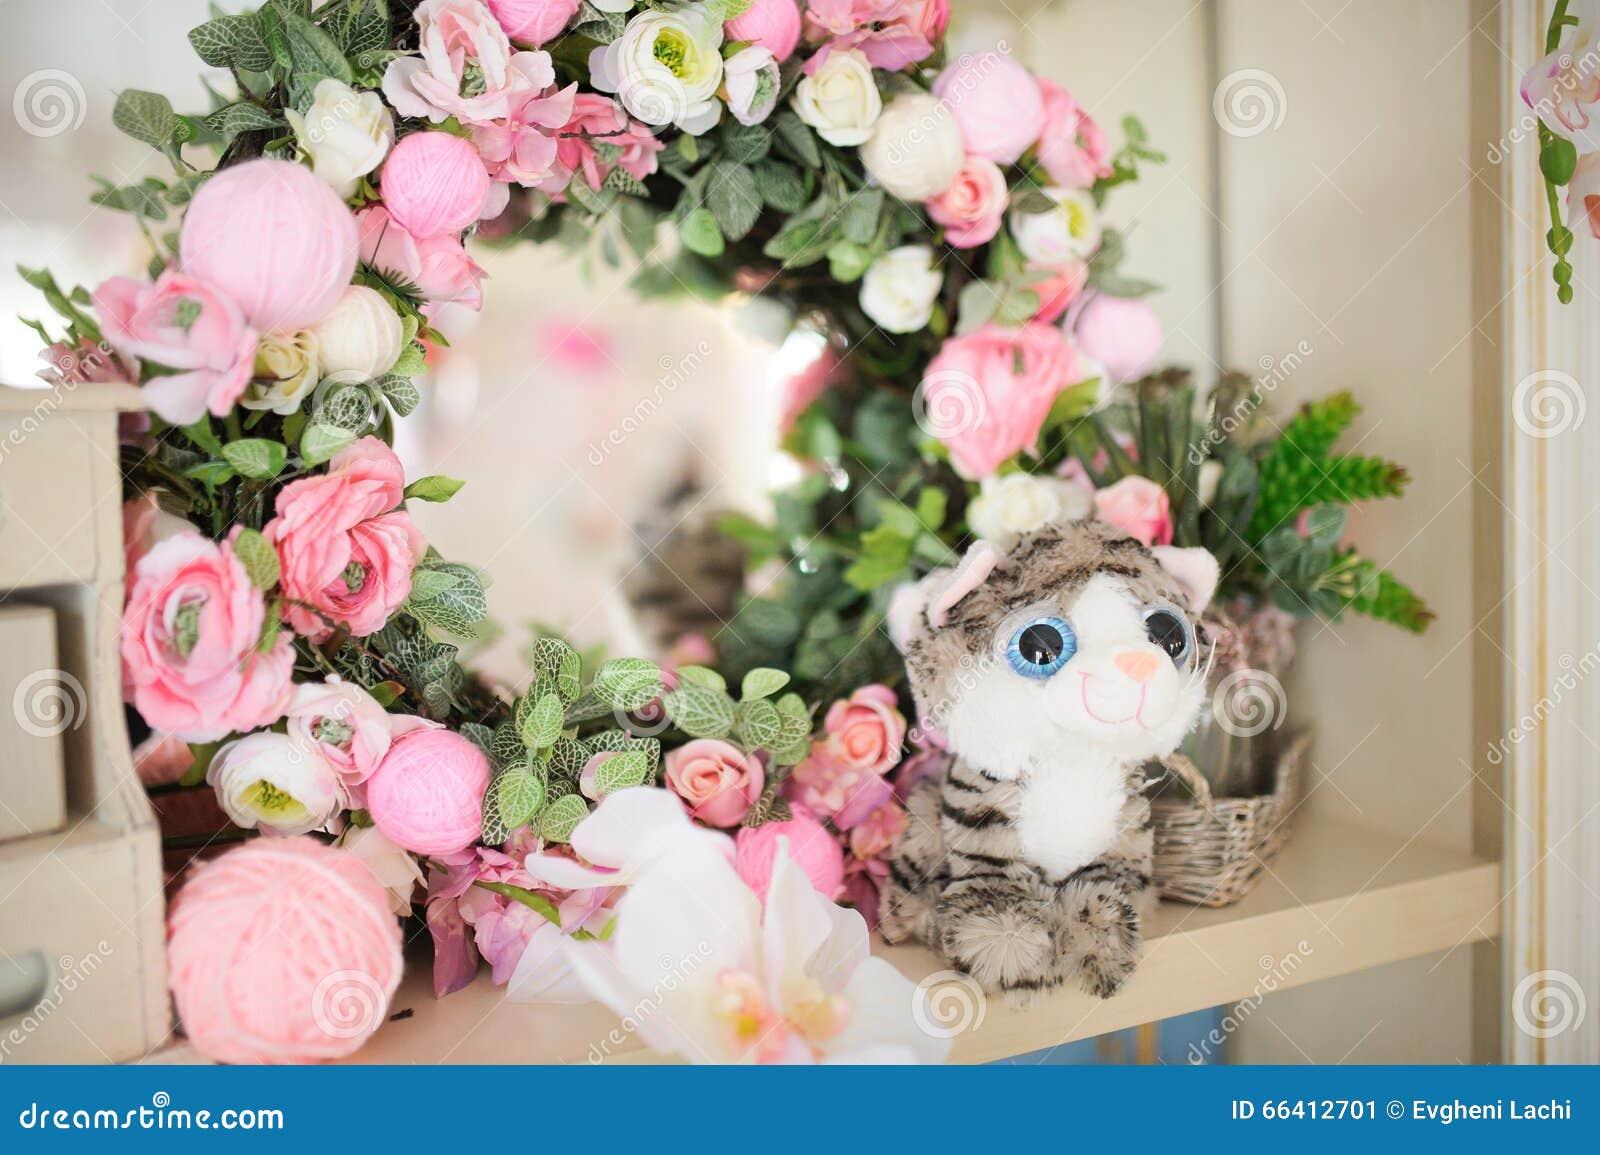 chat de d cor d 39 anniversaire ou de f te de naissance avec des fleurs image stock image du. Black Bedroom Furniture Sets. Home Design Ideas